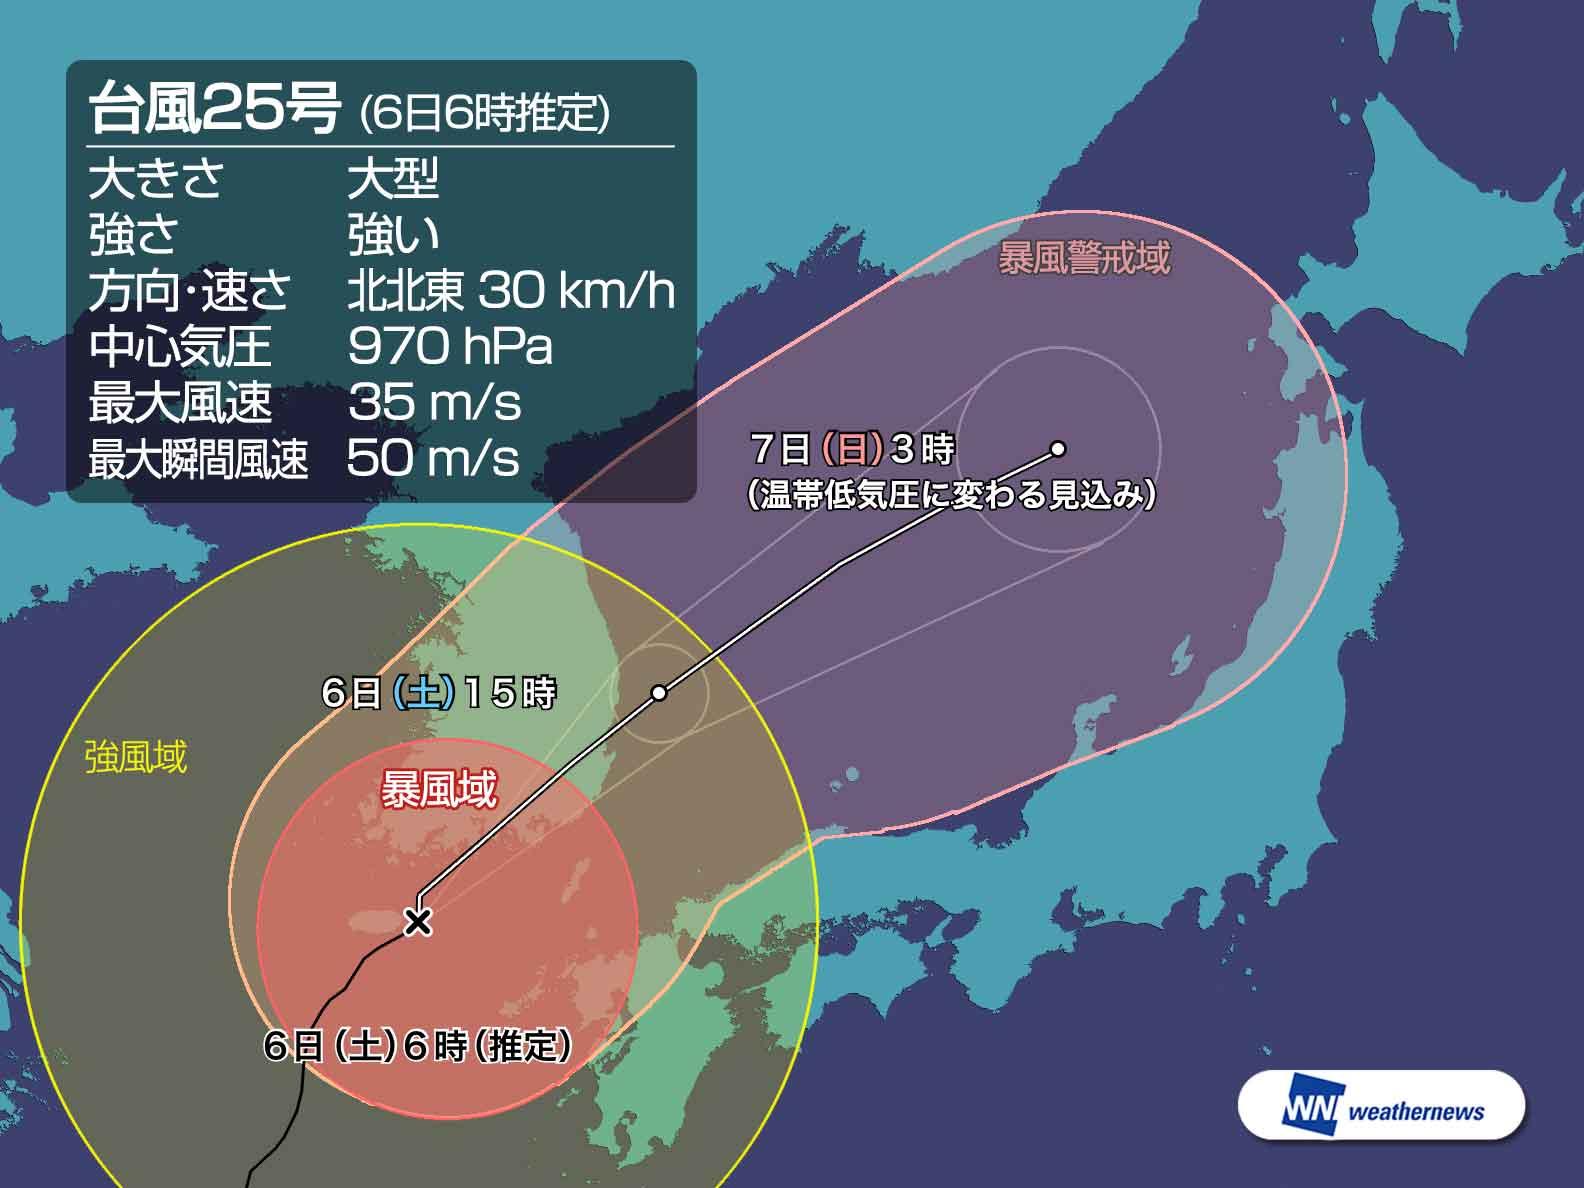 大型で強い臺風25號 九州の一部が暴風域に 晝過ぎにかけ最接近 - ウェザーニュース